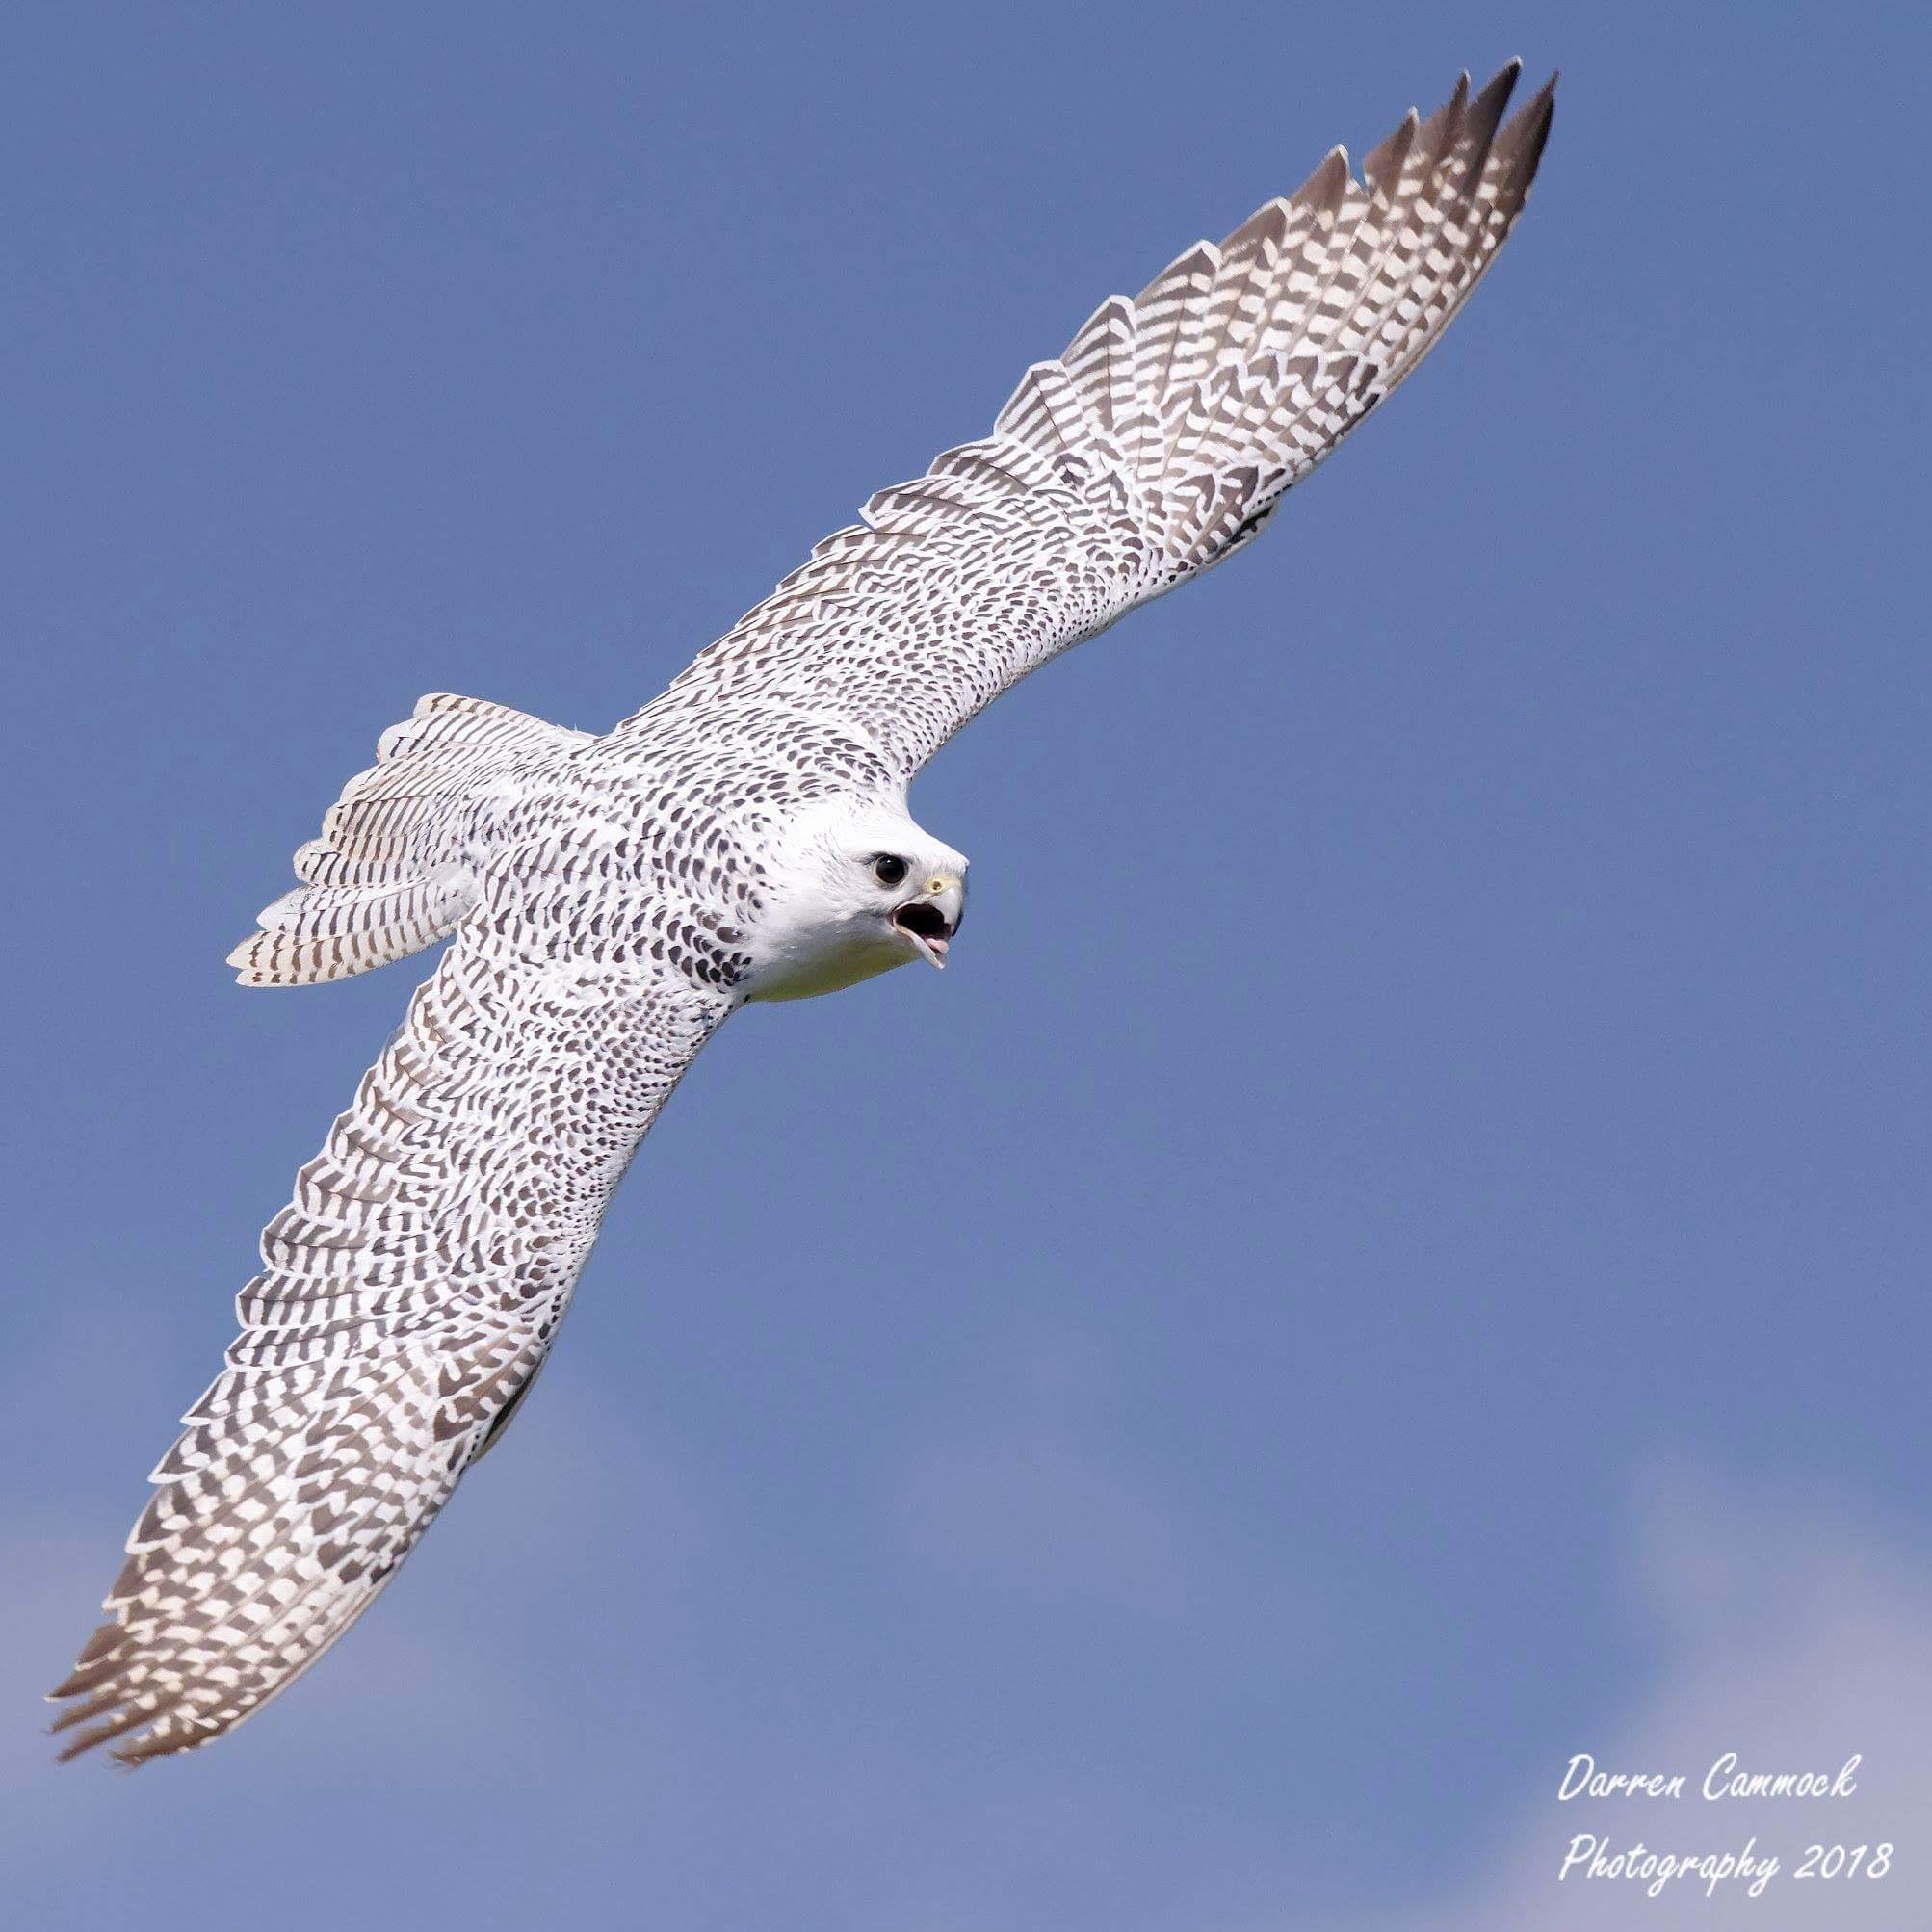 Hybrid Falcon by darrencammock